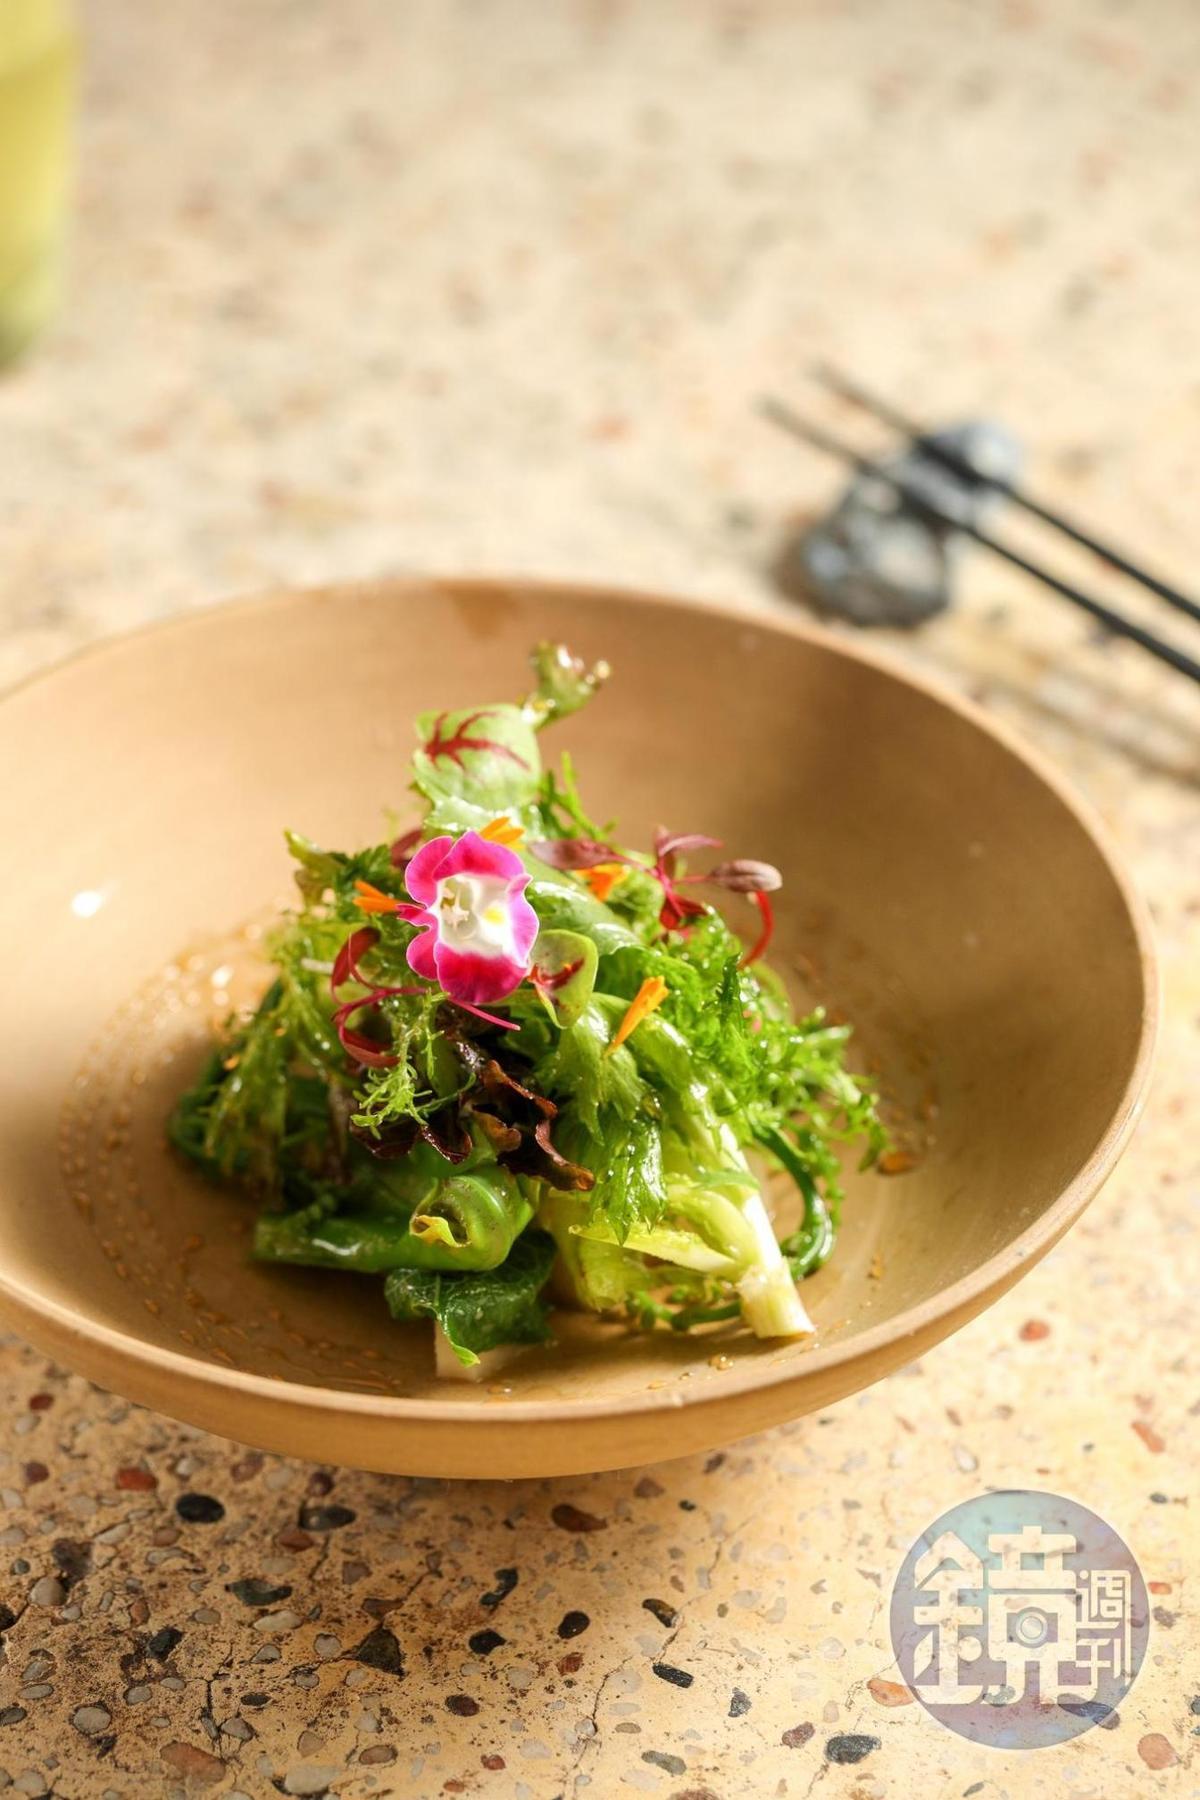 龍鬚菜、山蘇、大社綠竹筍再佐焦糖烏梅醋的沙拉,食用花與台灣農場合作。